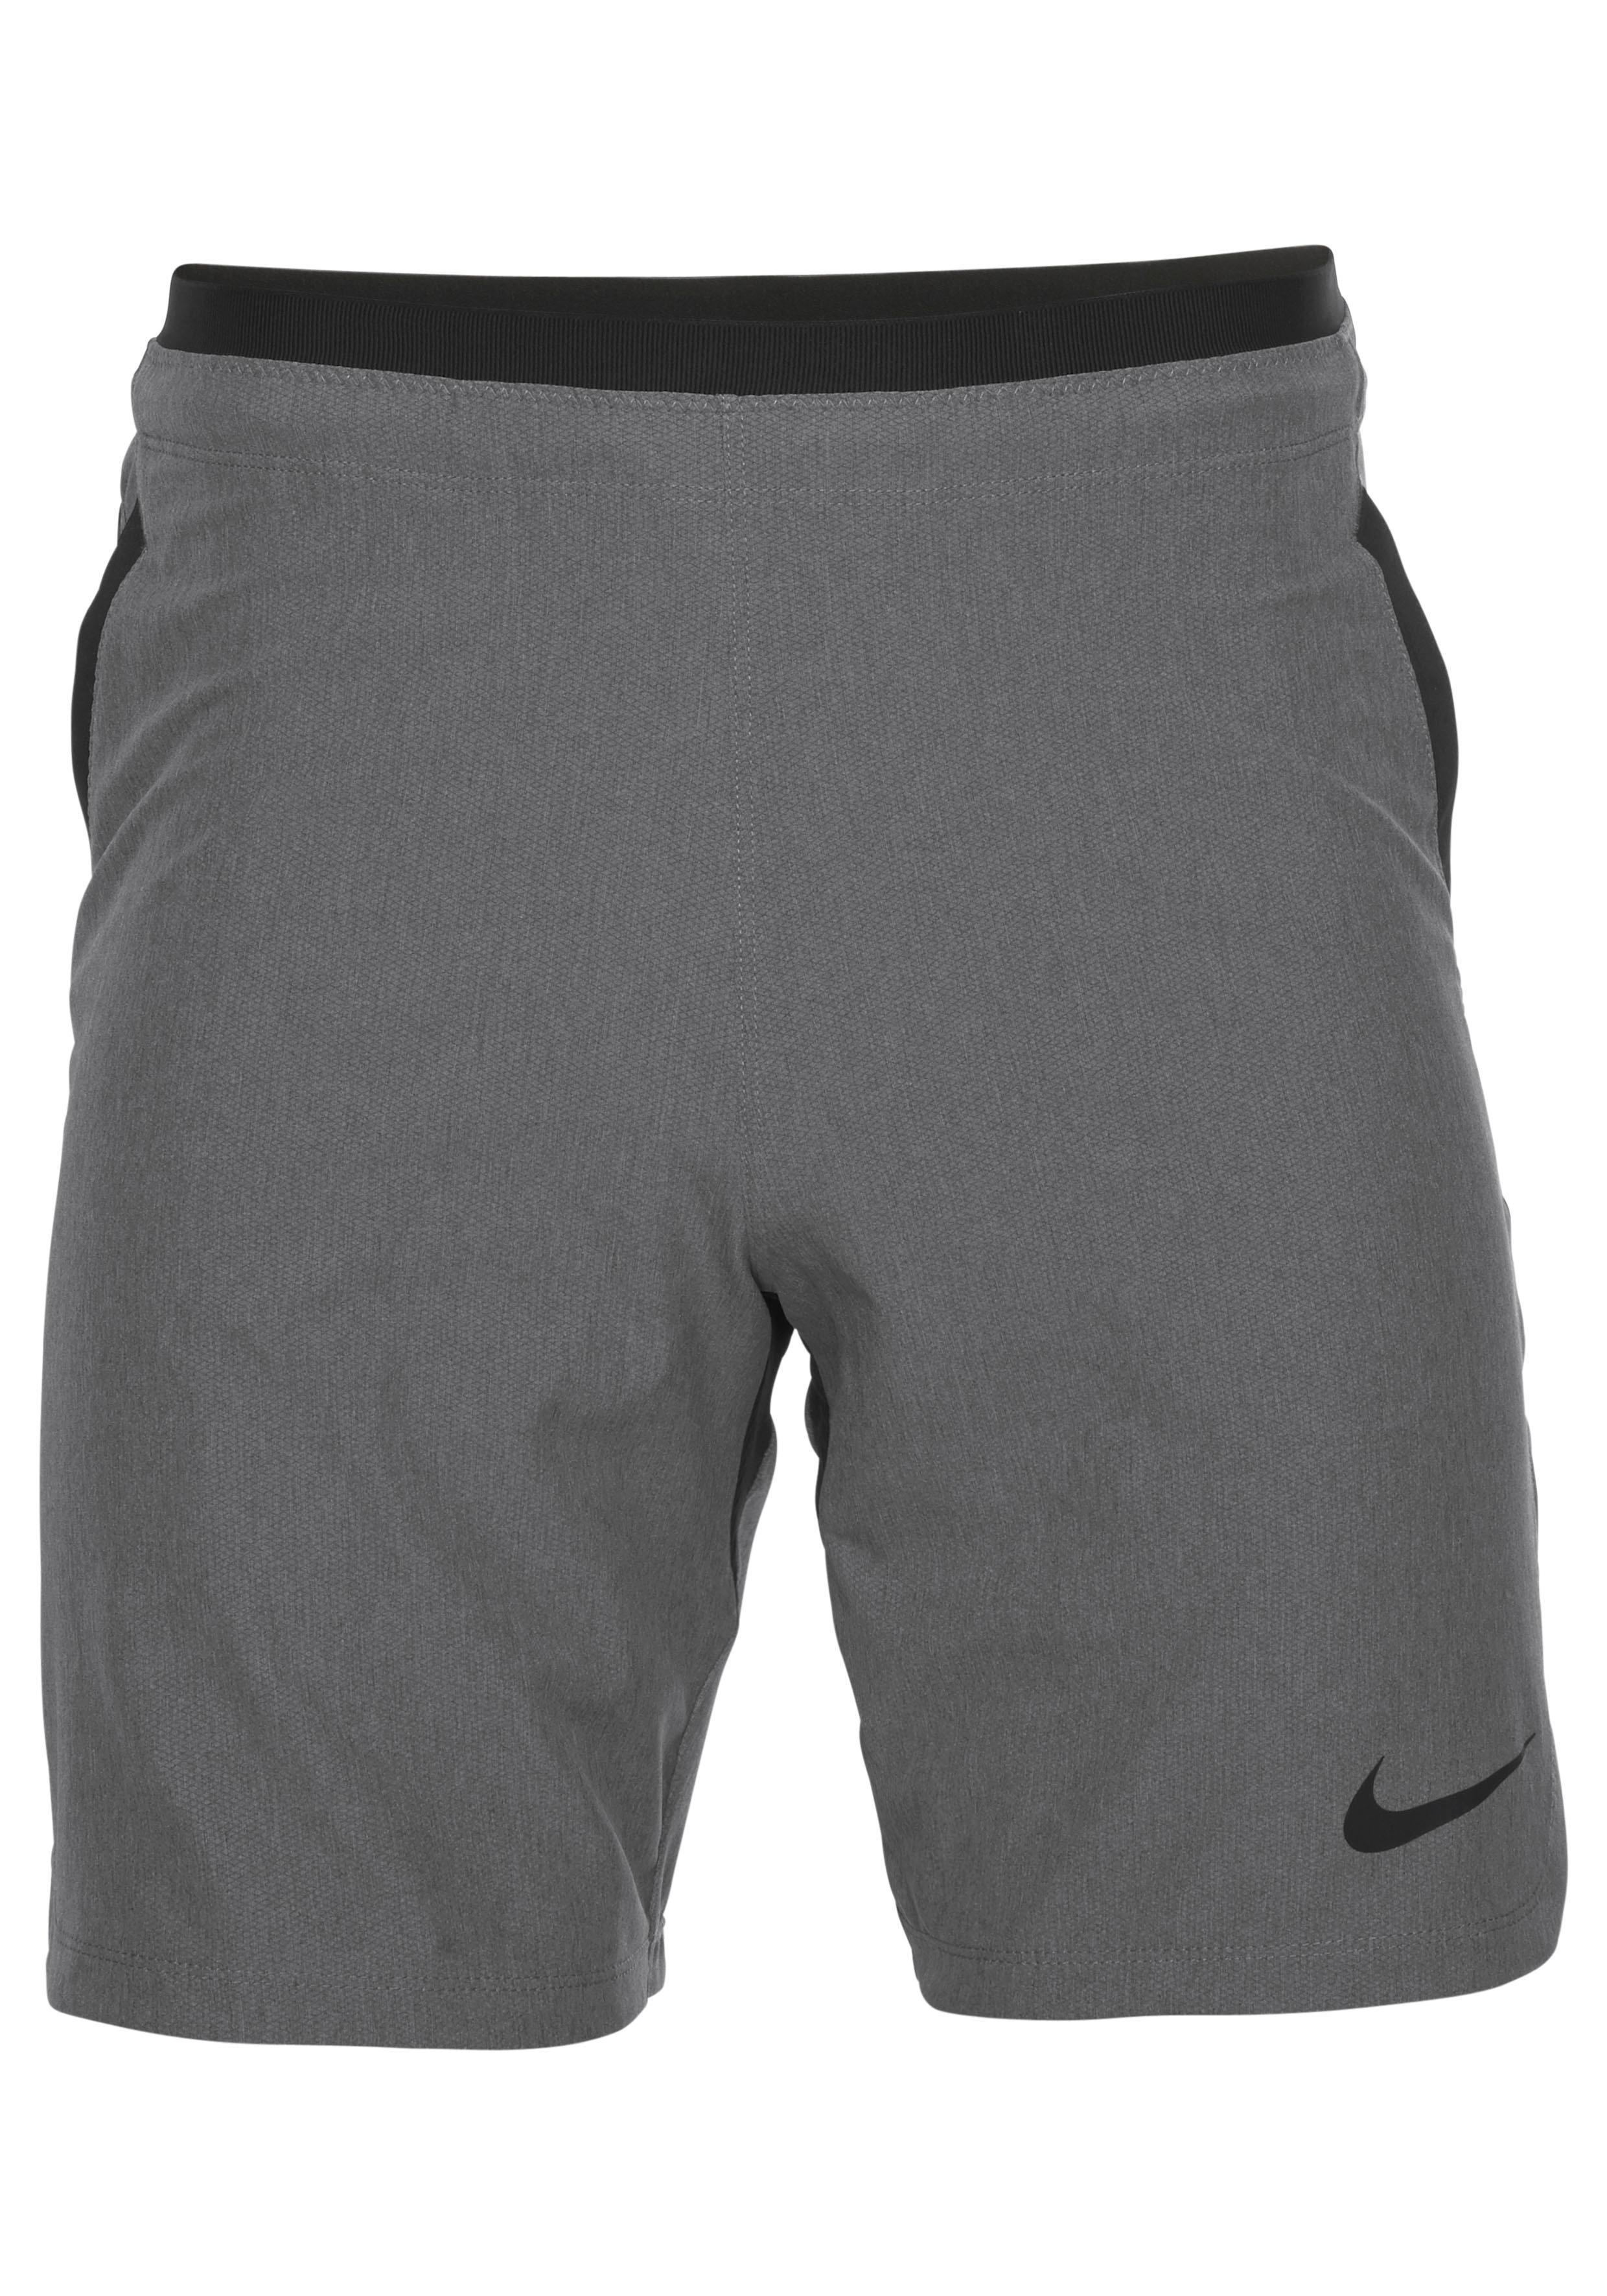 Nike trainingsshort »M NP FLEX REPEL SHORT NPC« bestellen: 14 dagen bedenktijd